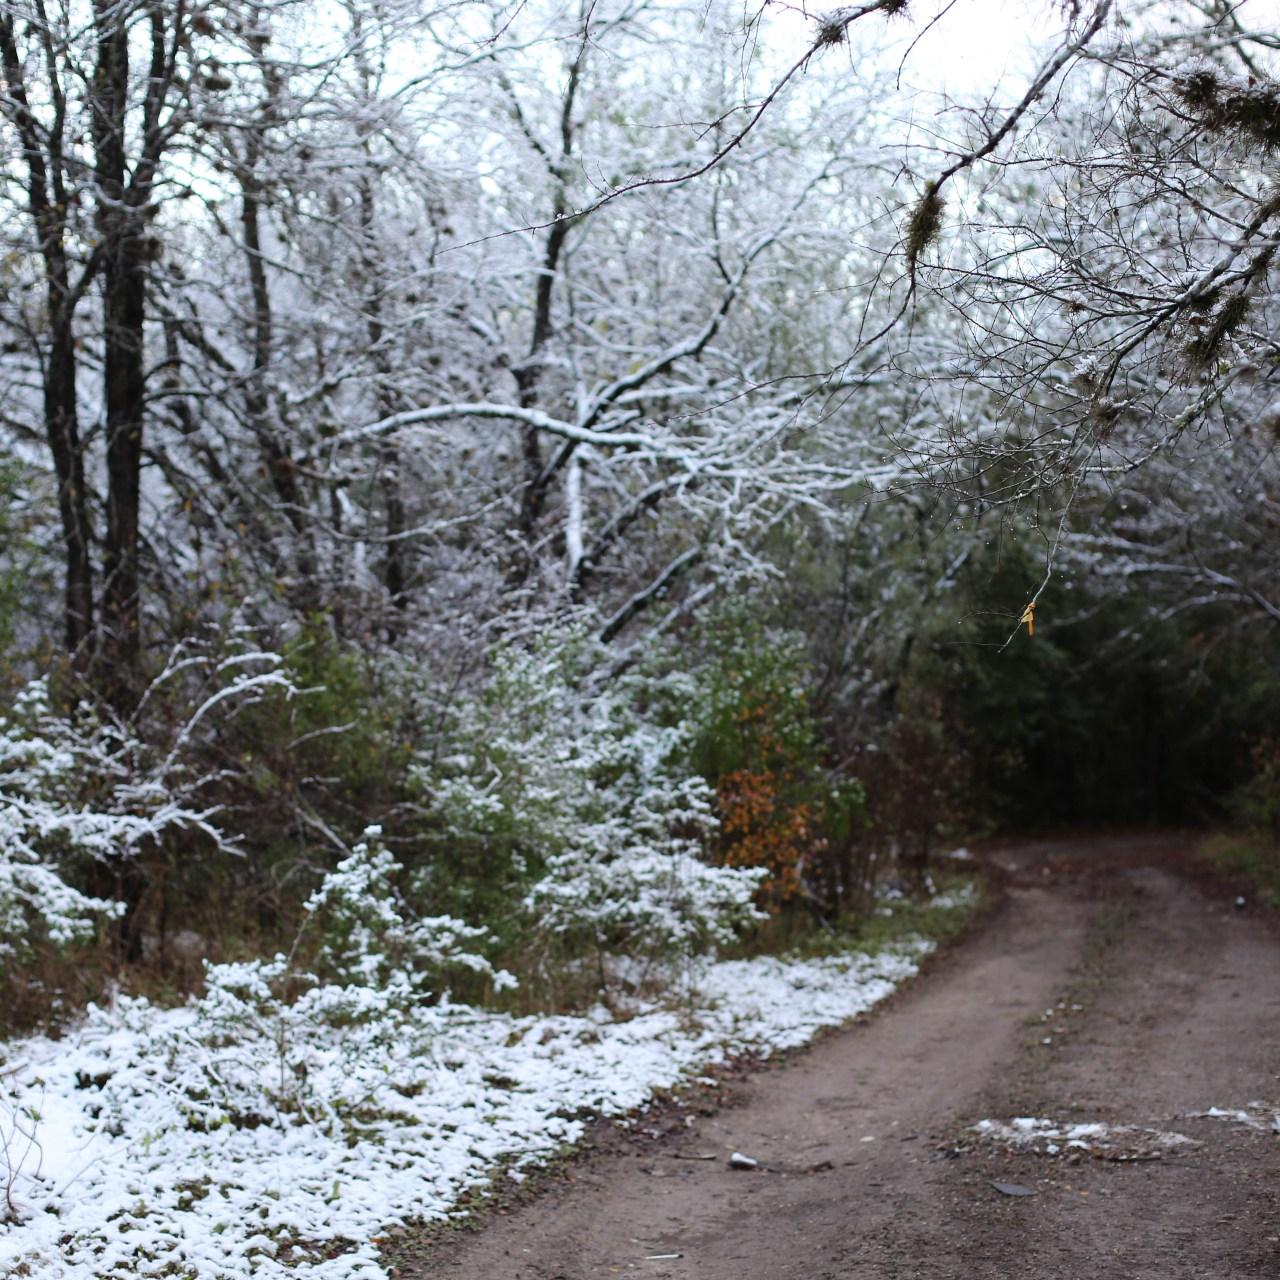 Snow in San Antonio, TX?!